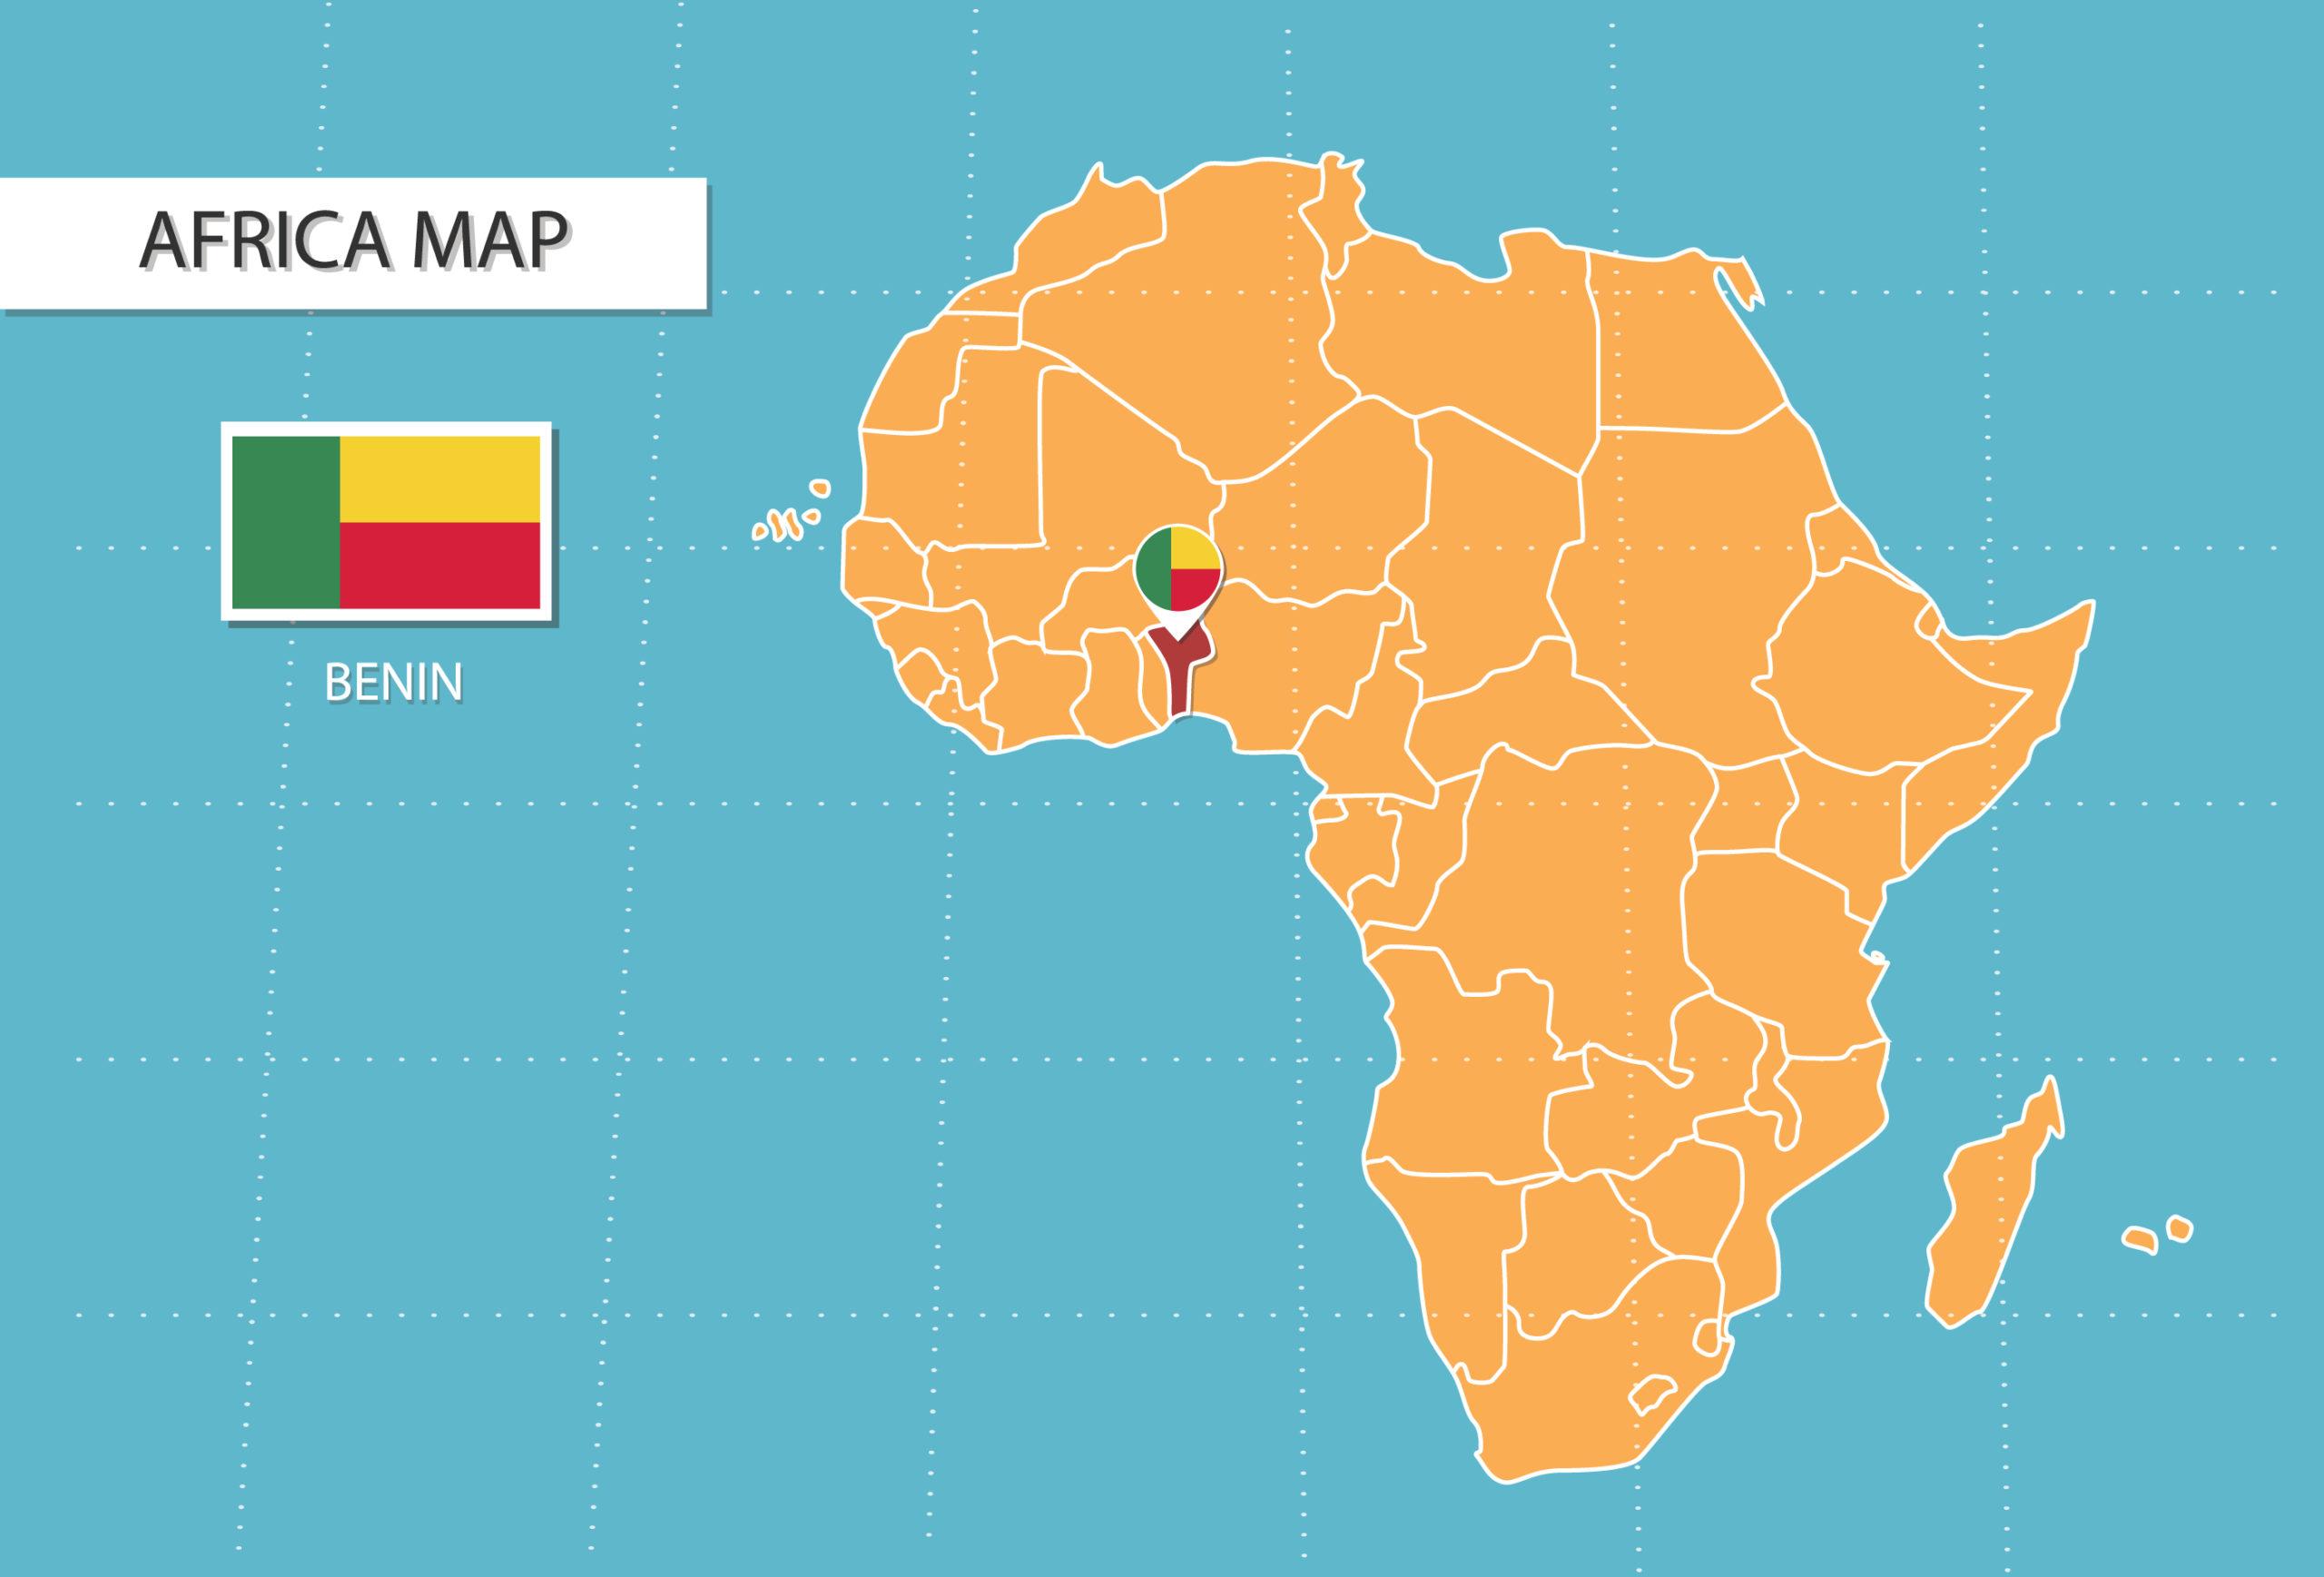 Benin: l'esperienza umanitaria di Stefano Riboldi, chirurgo ortopedico CDI